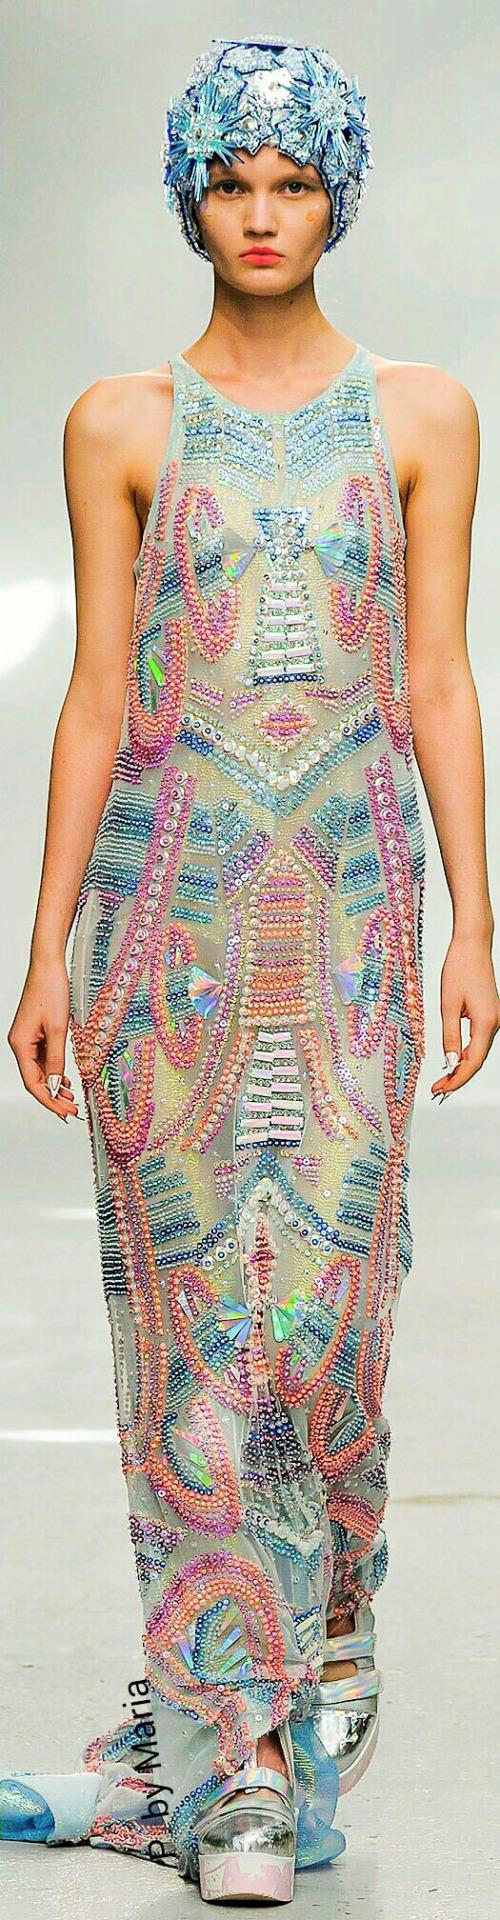 Farb-und Stilberatung mit www.farben-reich.com - Manish Arora Spring…